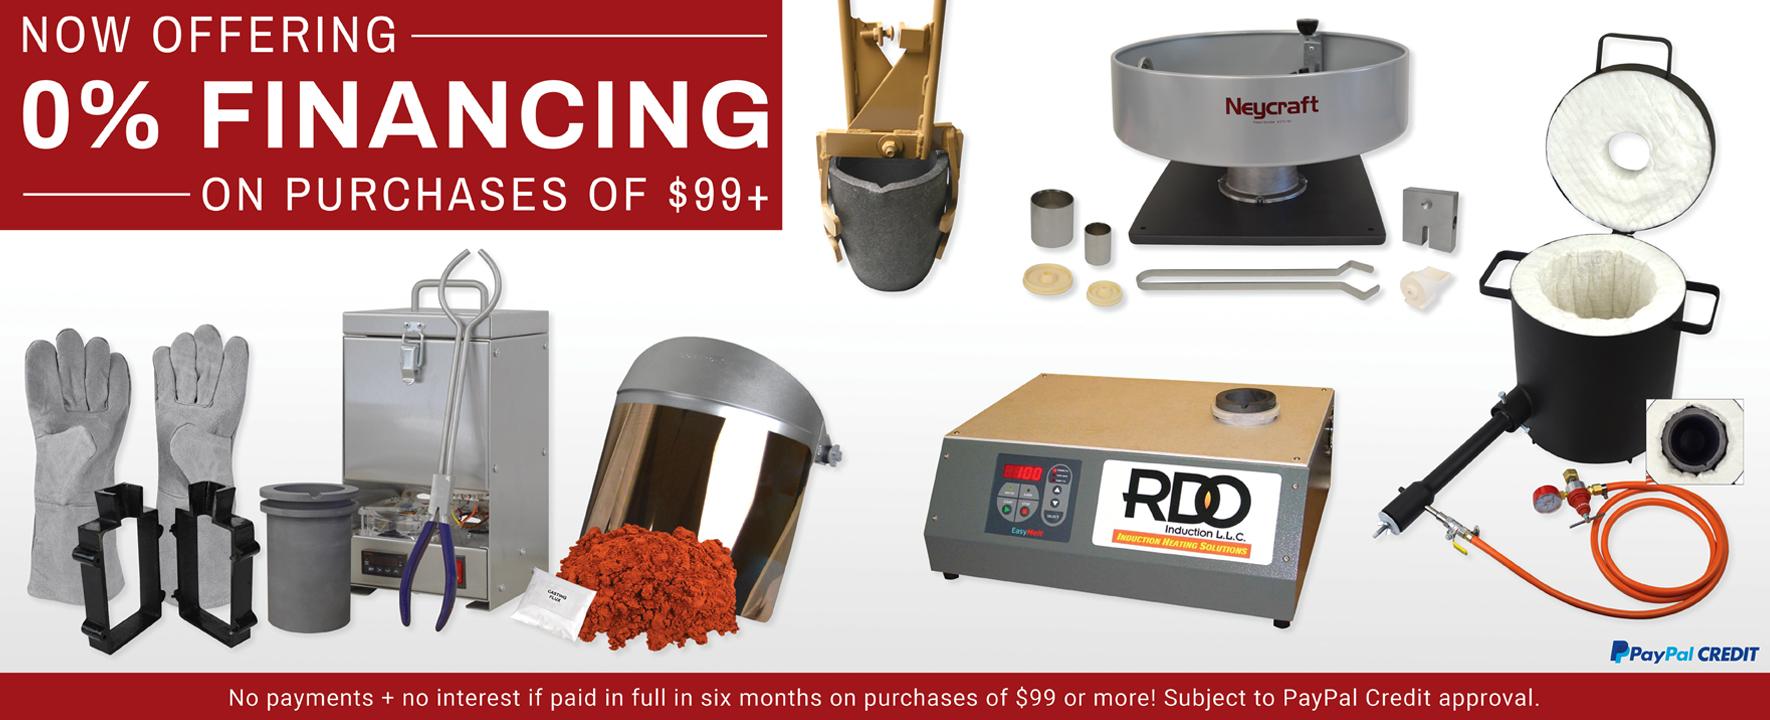 2 Kg Gold Melting Furnace Complete Starting Kit Melt Gold Silver Pour Test Stamp